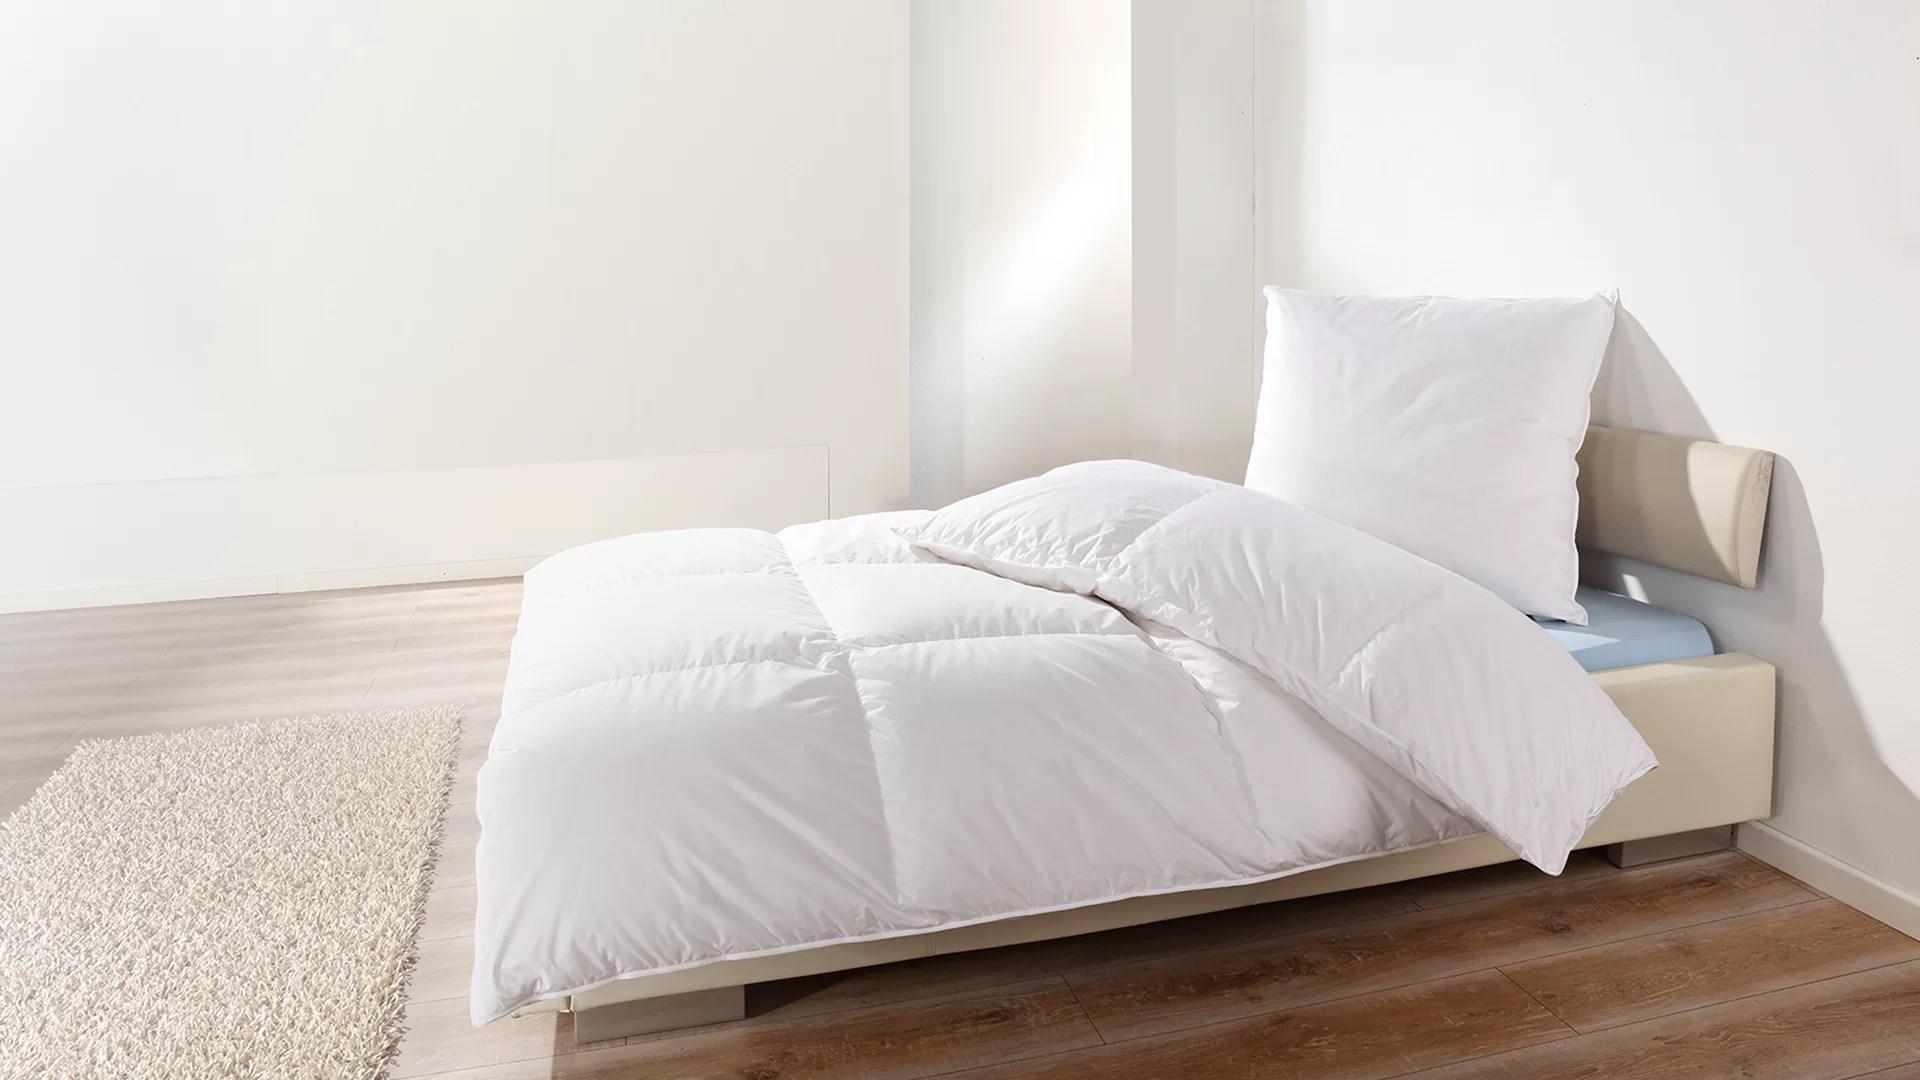 Feder Bettdecken